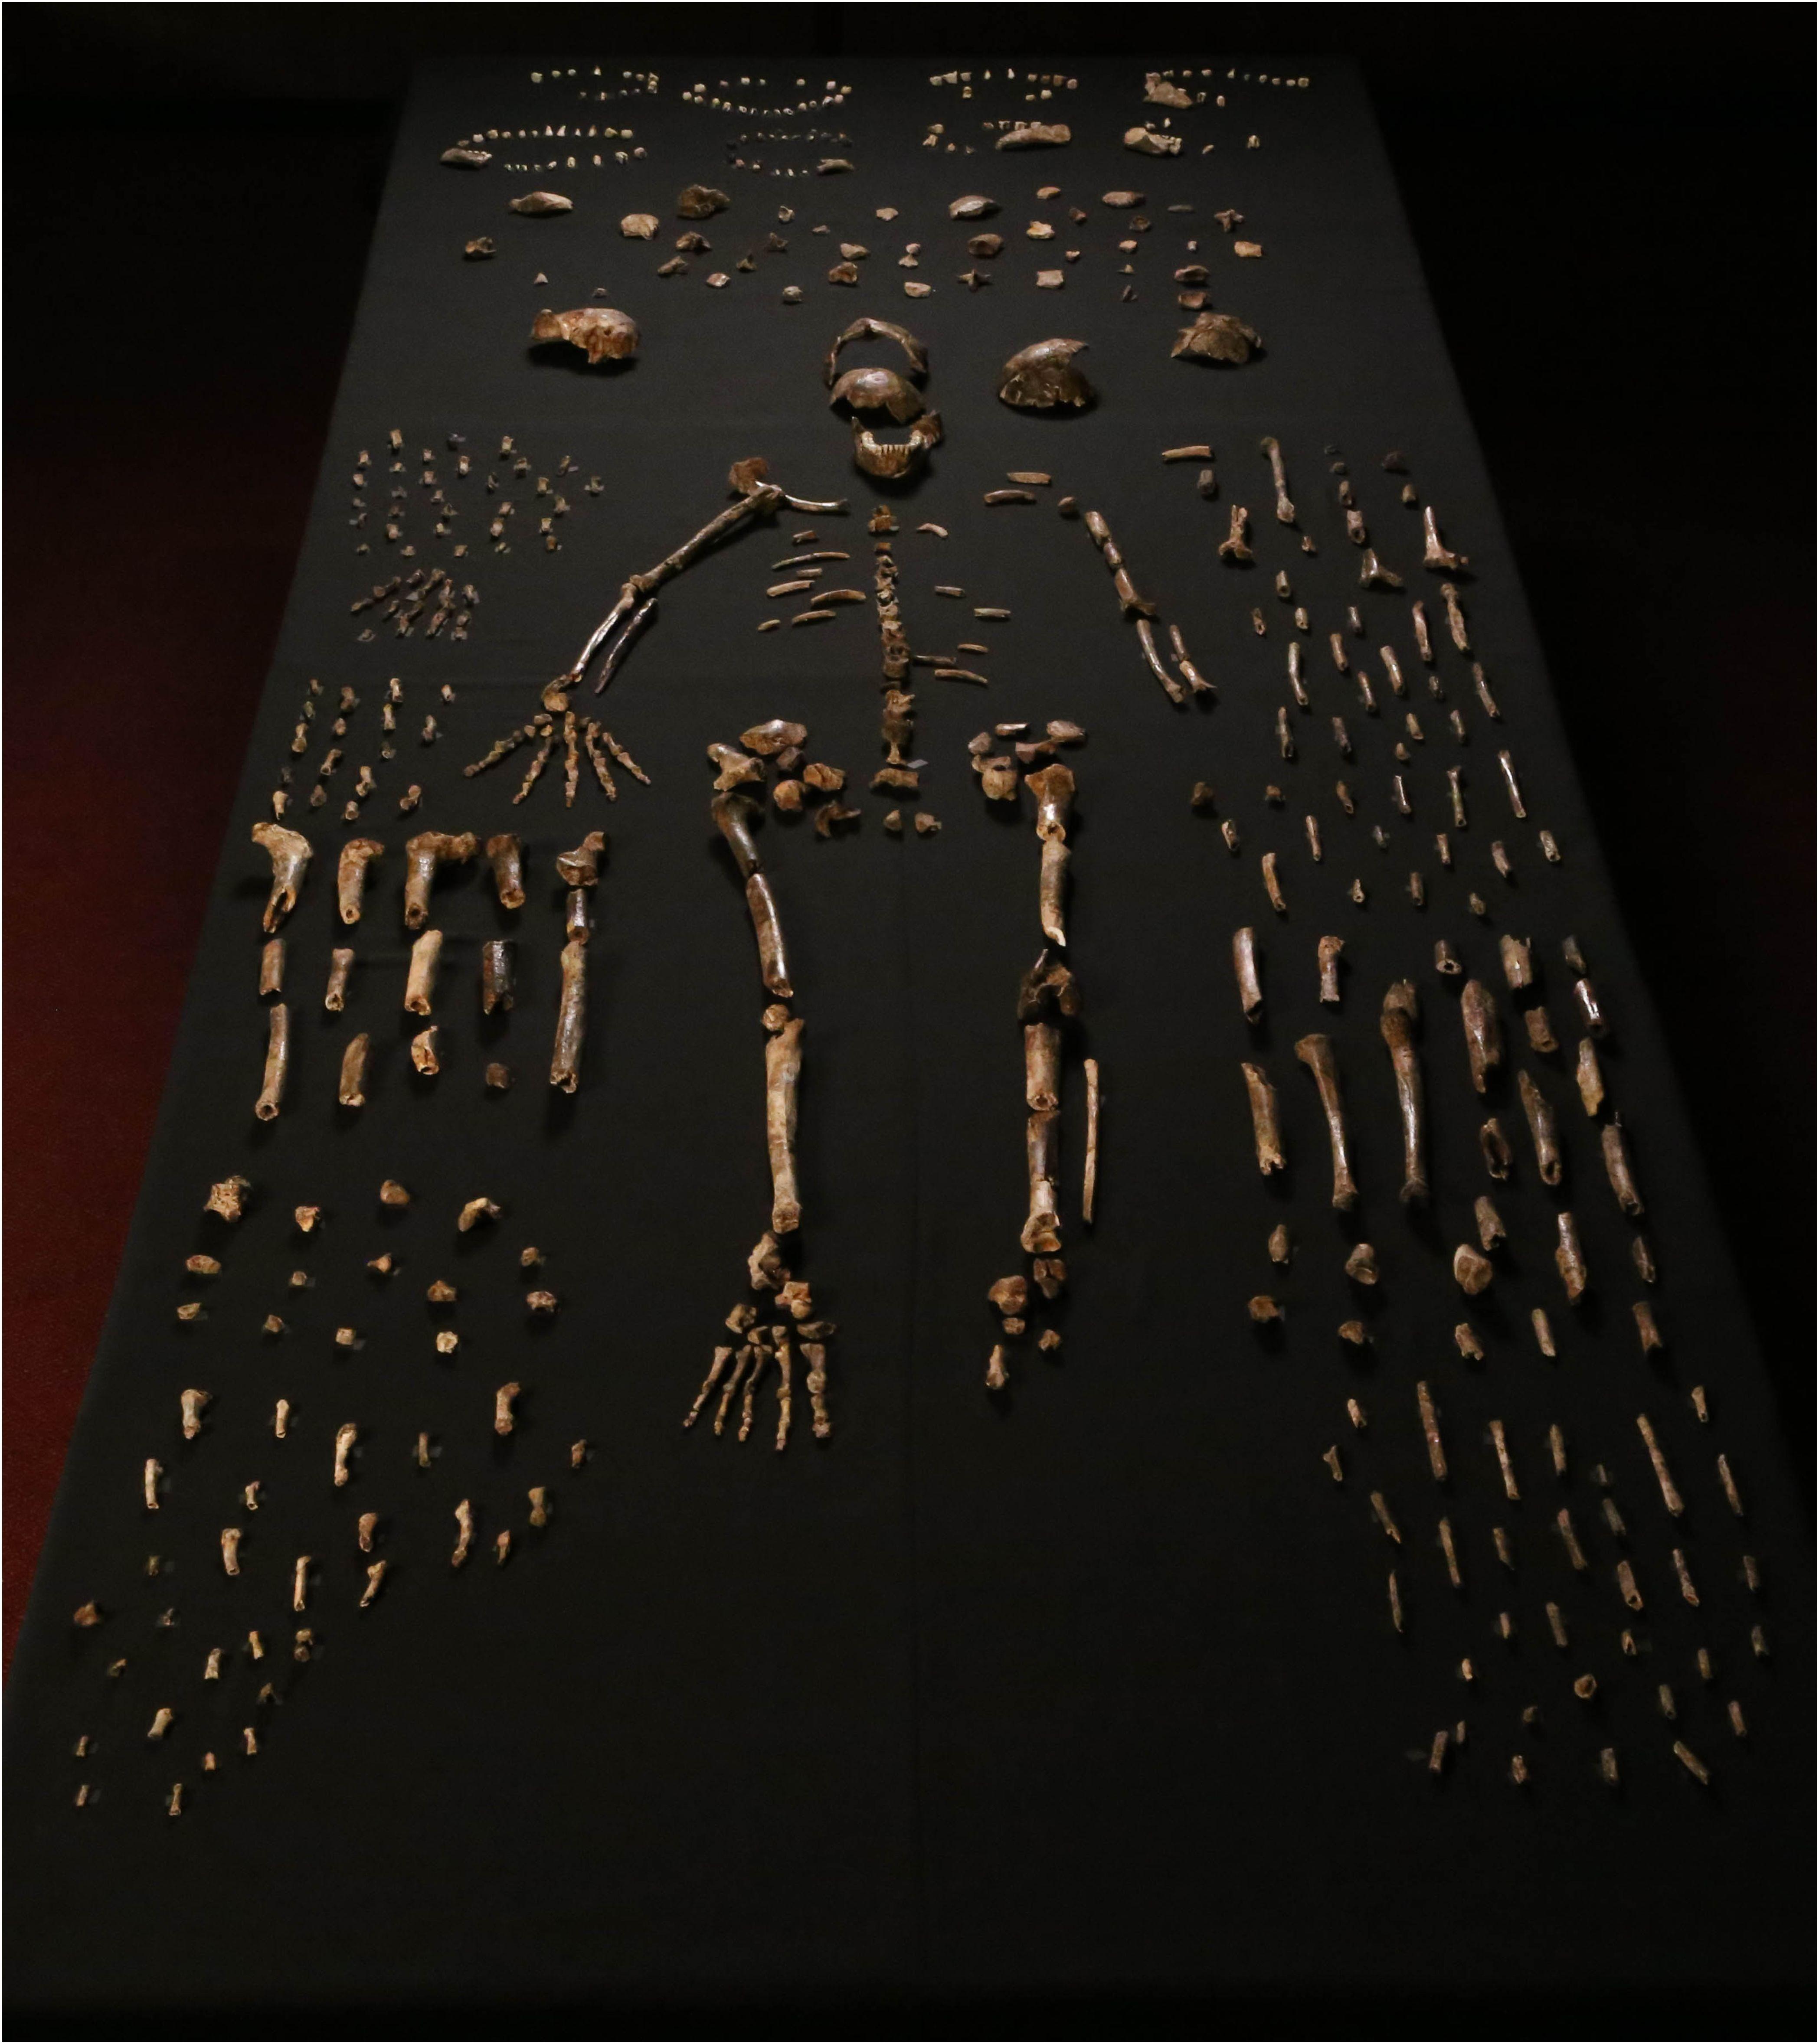 Esqueleto completo do H. naledi e muitos outros ossos (Foto: Reprodução)